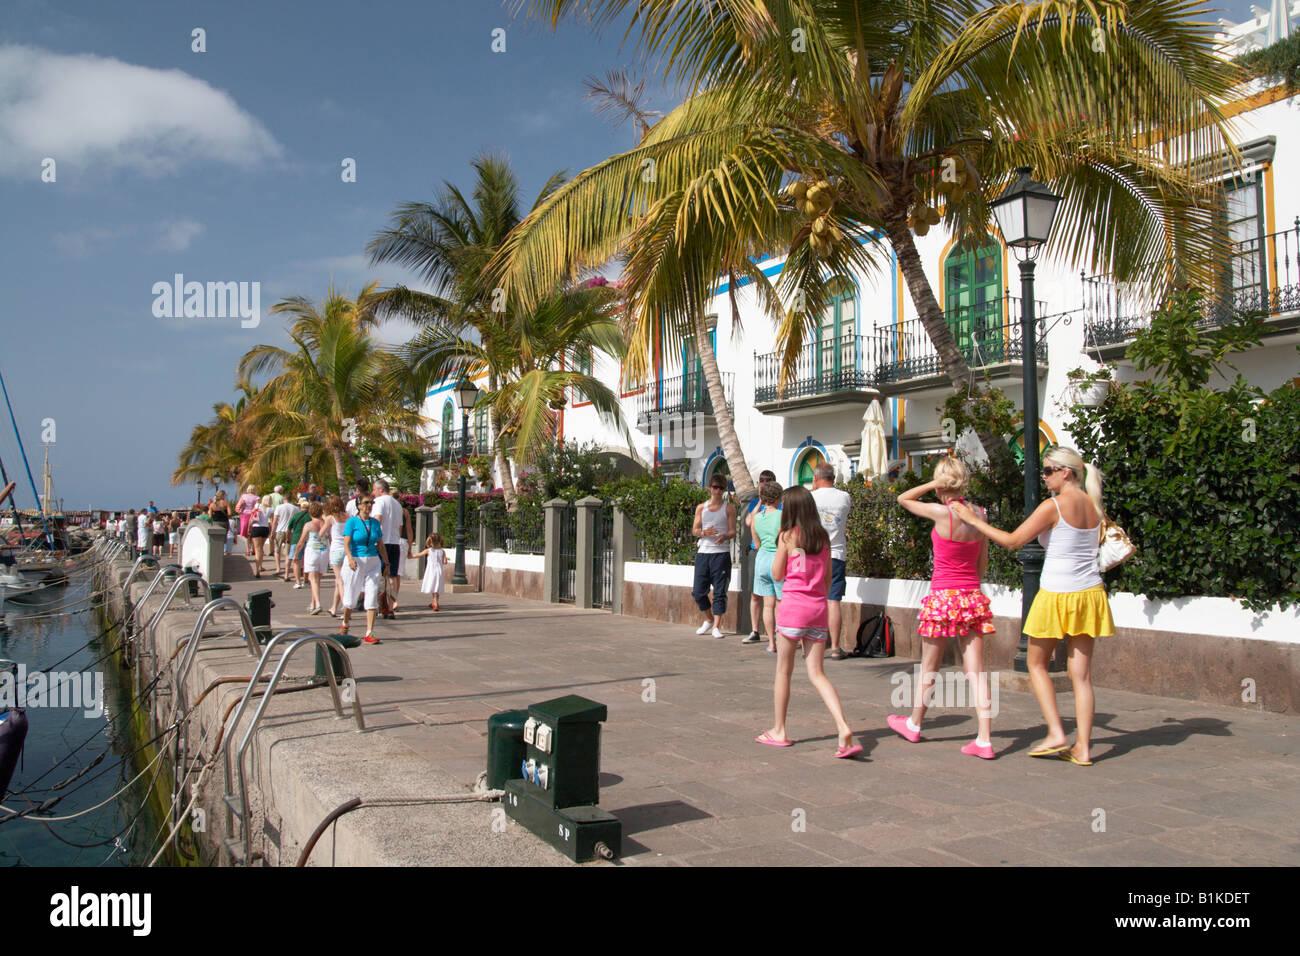 Touristen zu Fuß rund um den Yachthafen in Puerto de Mogan auf Gran Canaria auf den Kanarischen Inseln. Stockbild